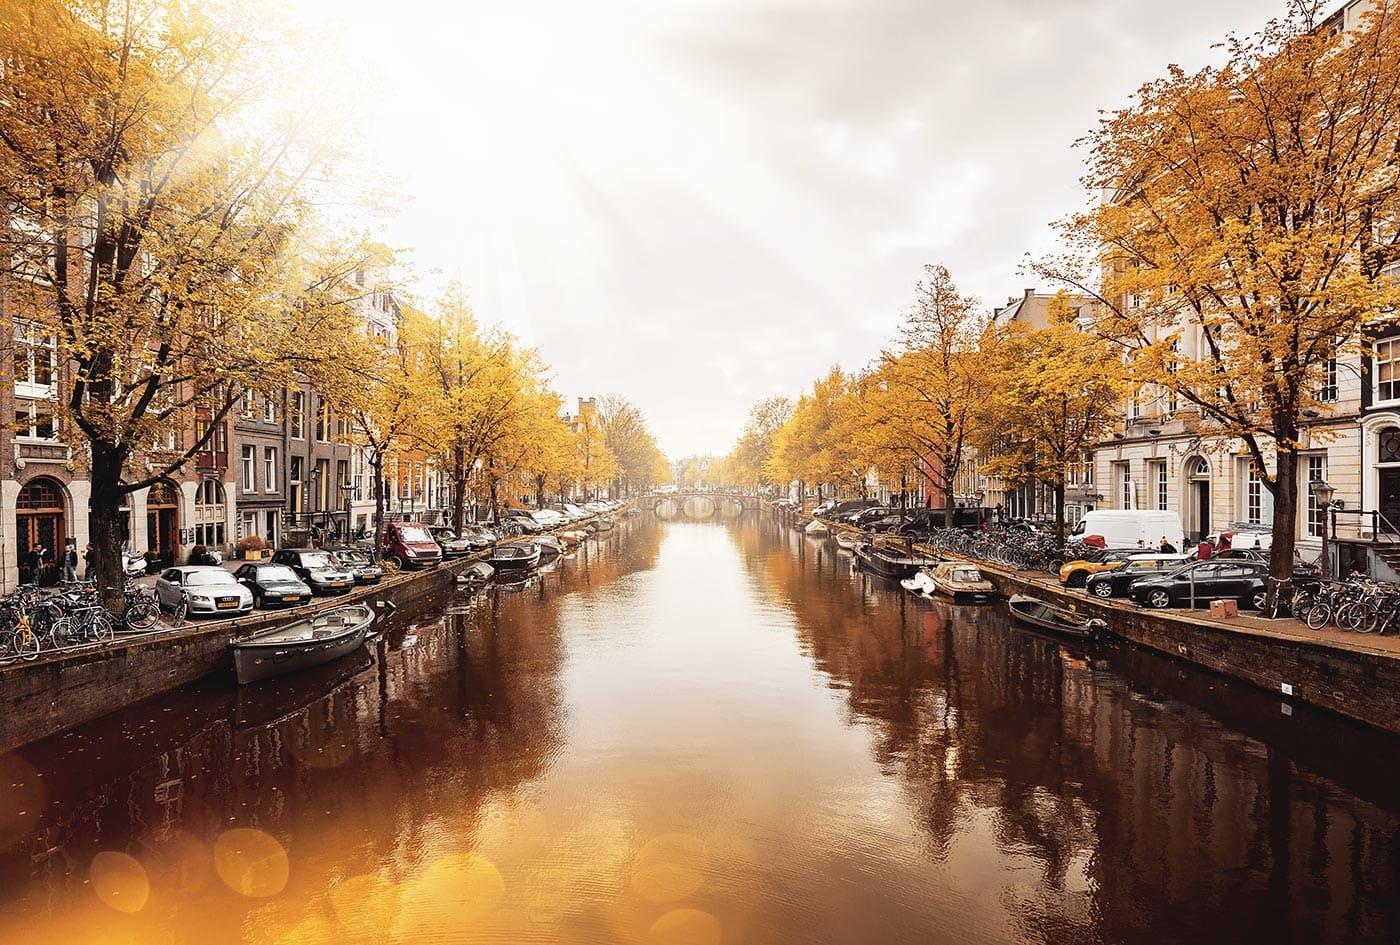 Herbstliche Färbung einer Gracht in Amsterdam